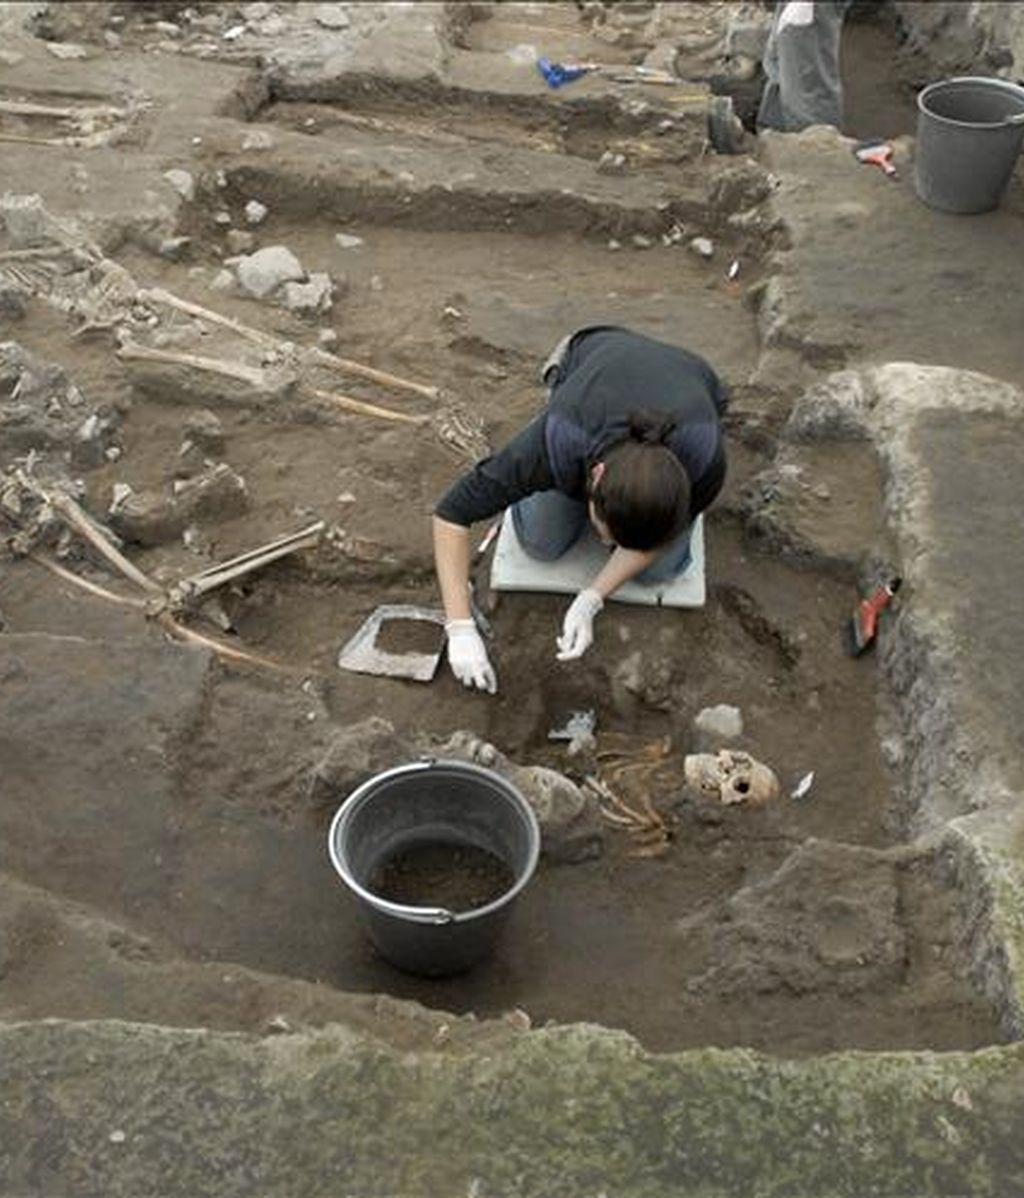 Los restos óseos fueron trasladados hasta las dependencias del Museo Arqueológico de La Serena. En la imagen, un especialista desentierra restos humanos en una zona arqueológica. EFE/Archivo